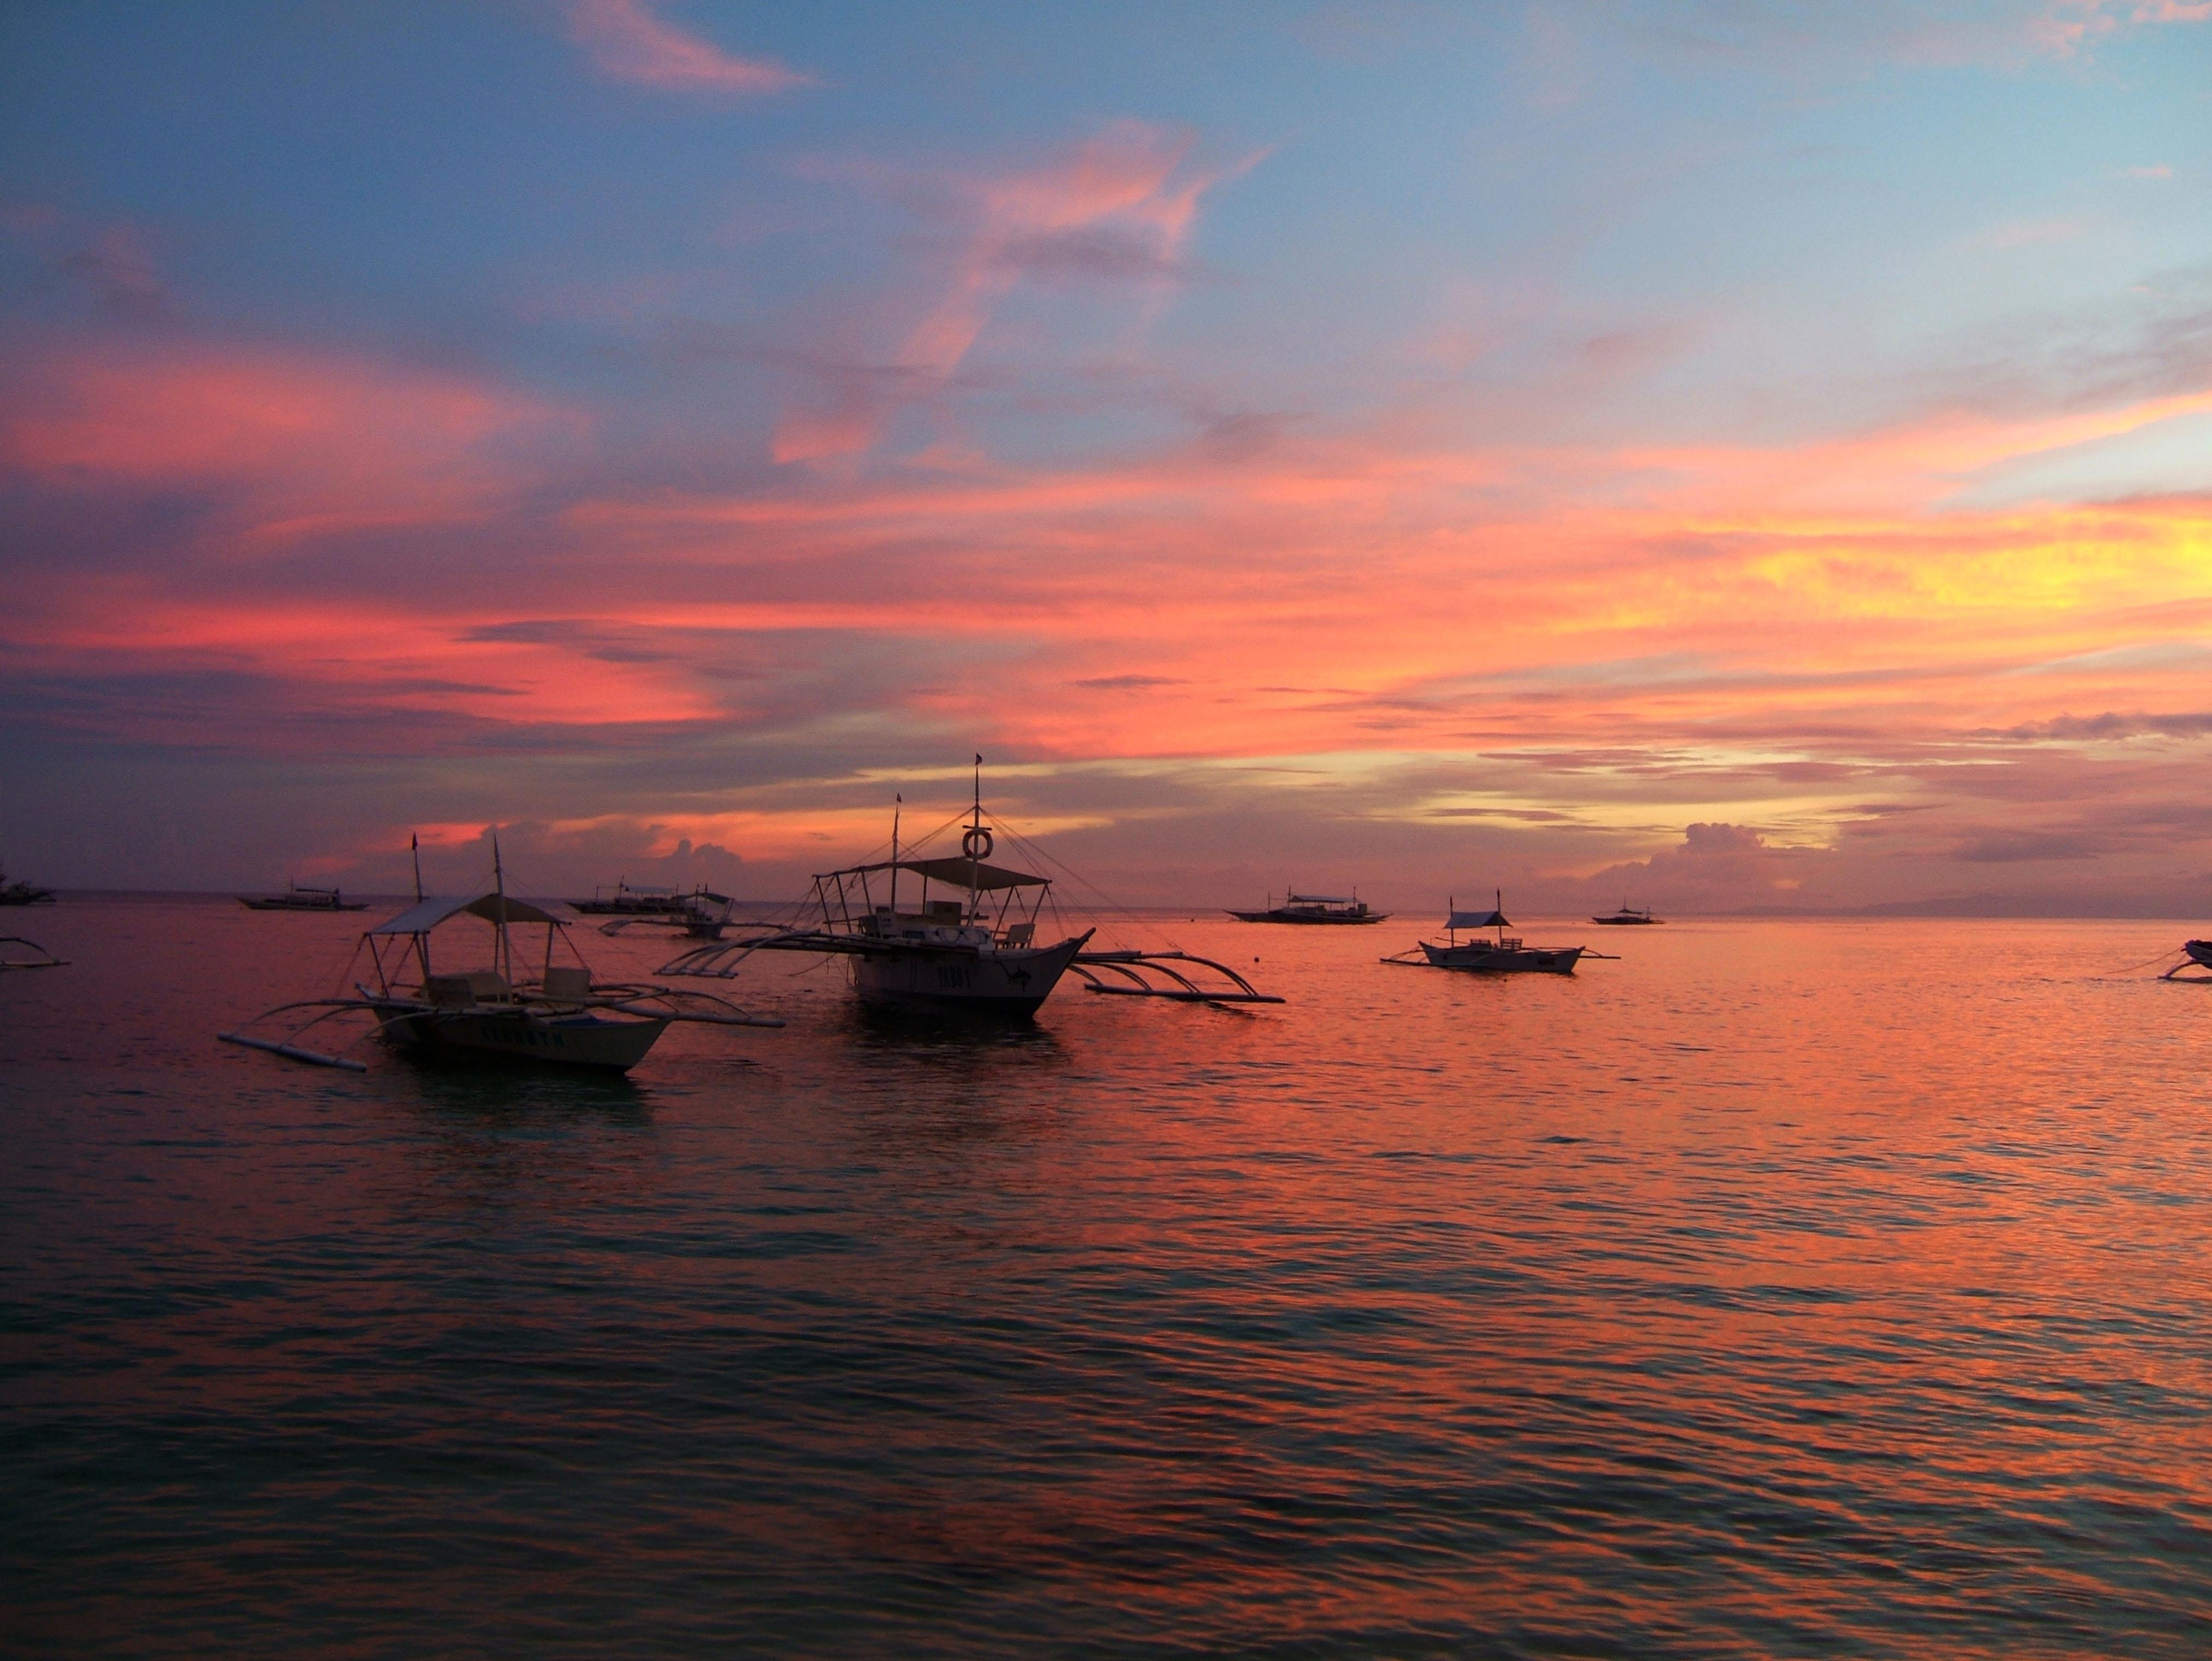 Sunset Philippines Cebu Bahoal 09